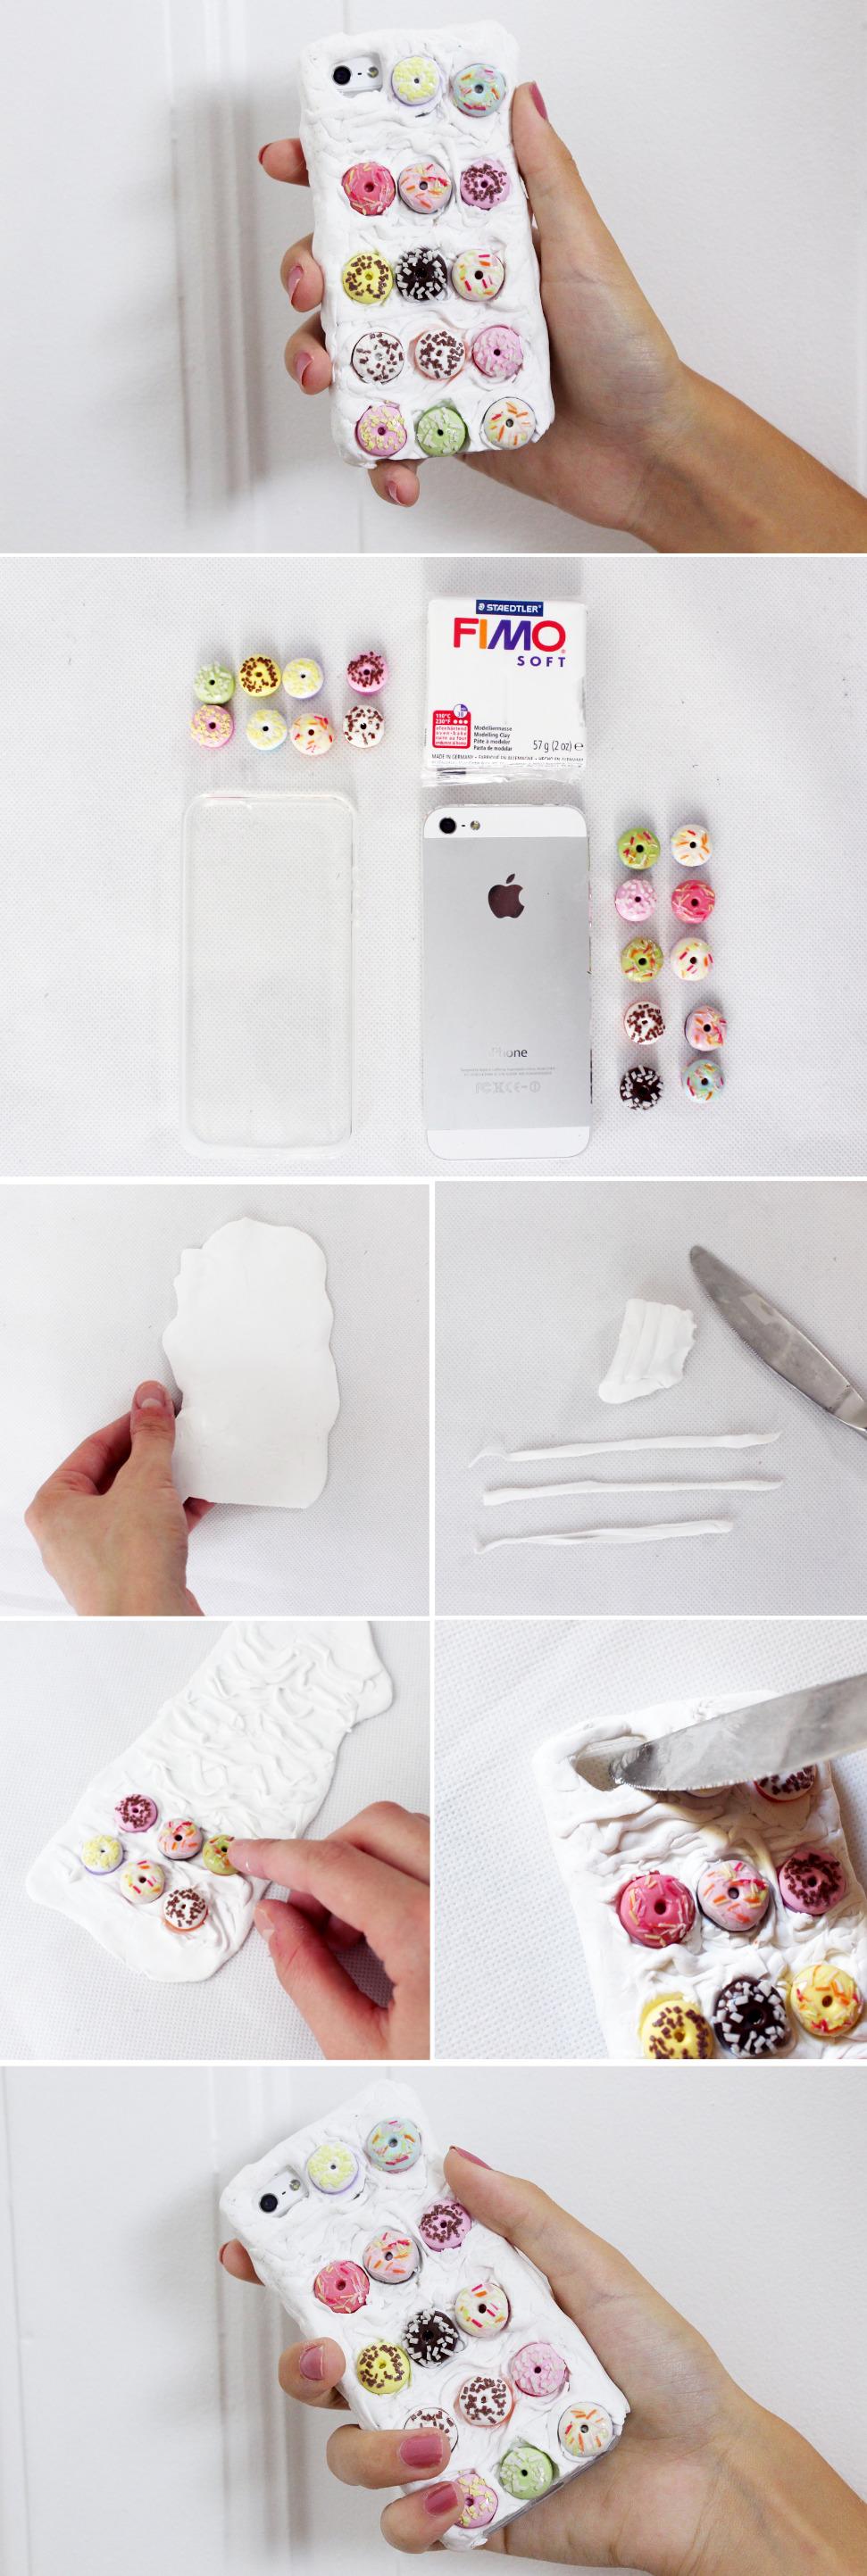 DIY-Anleitung-iphone-hülle-case-verzieren-mit-donuts-und-fimo